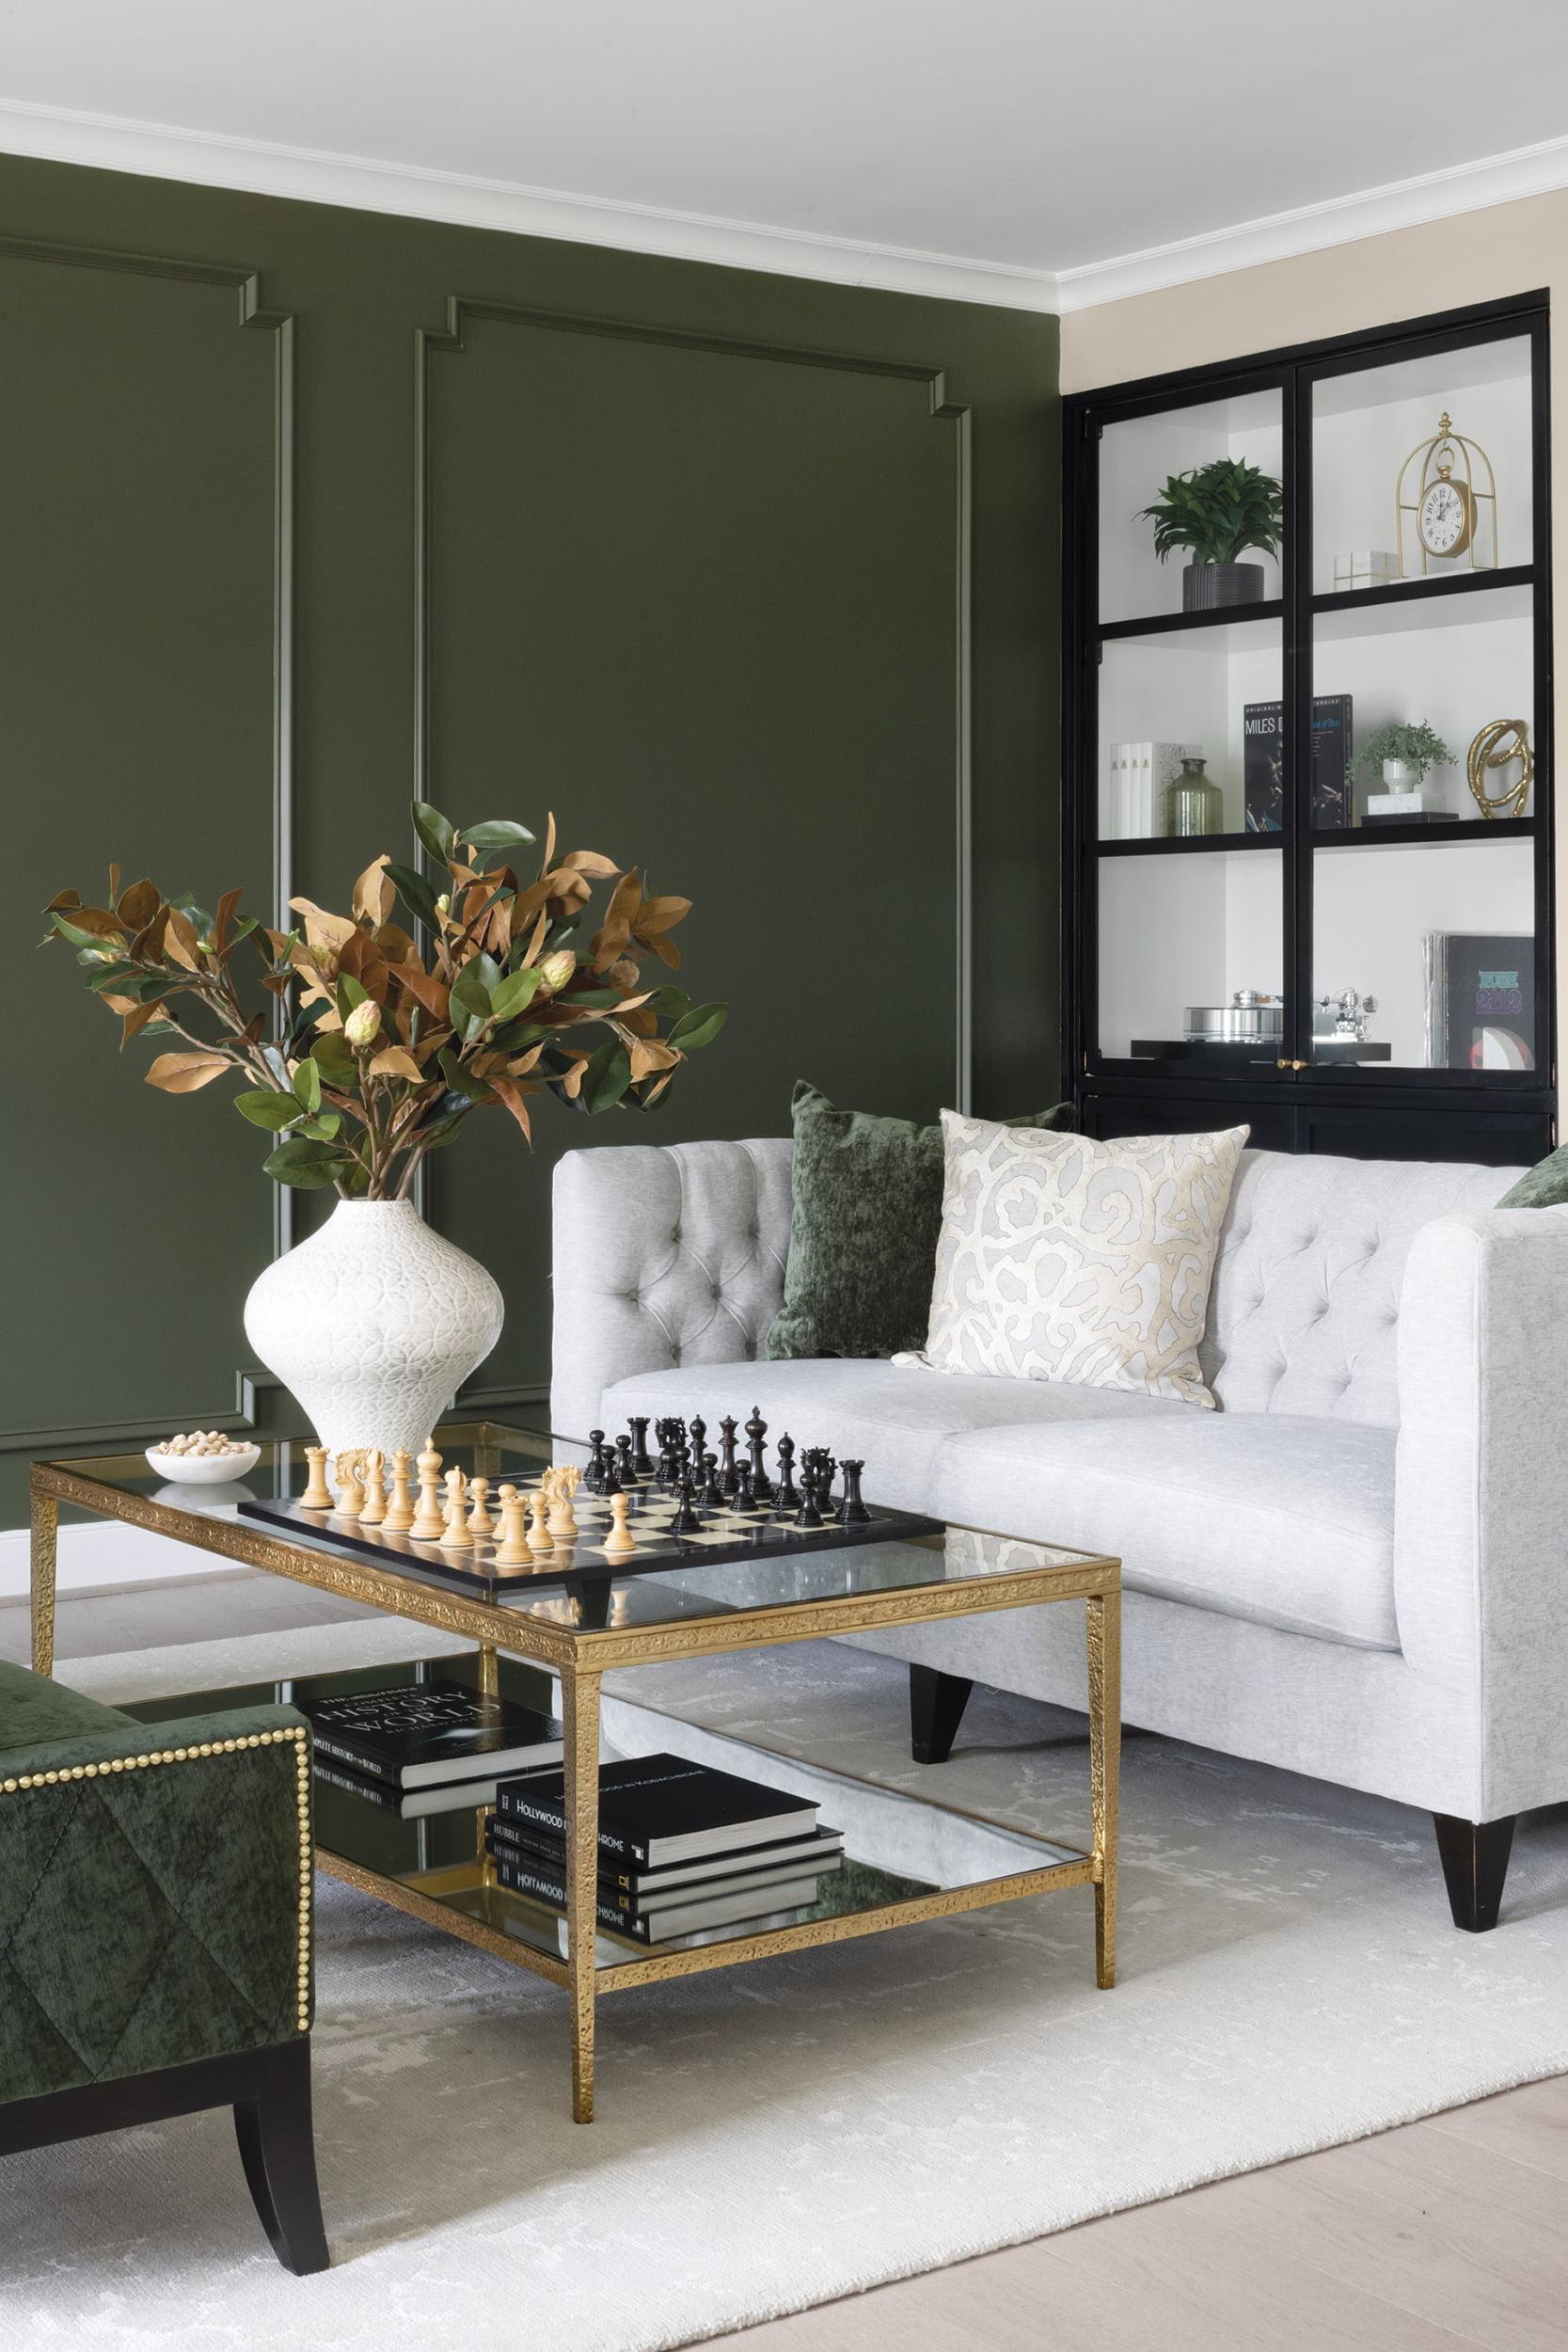 客厅,本杰明摩尔的Chimichurri油漆和定制架系统